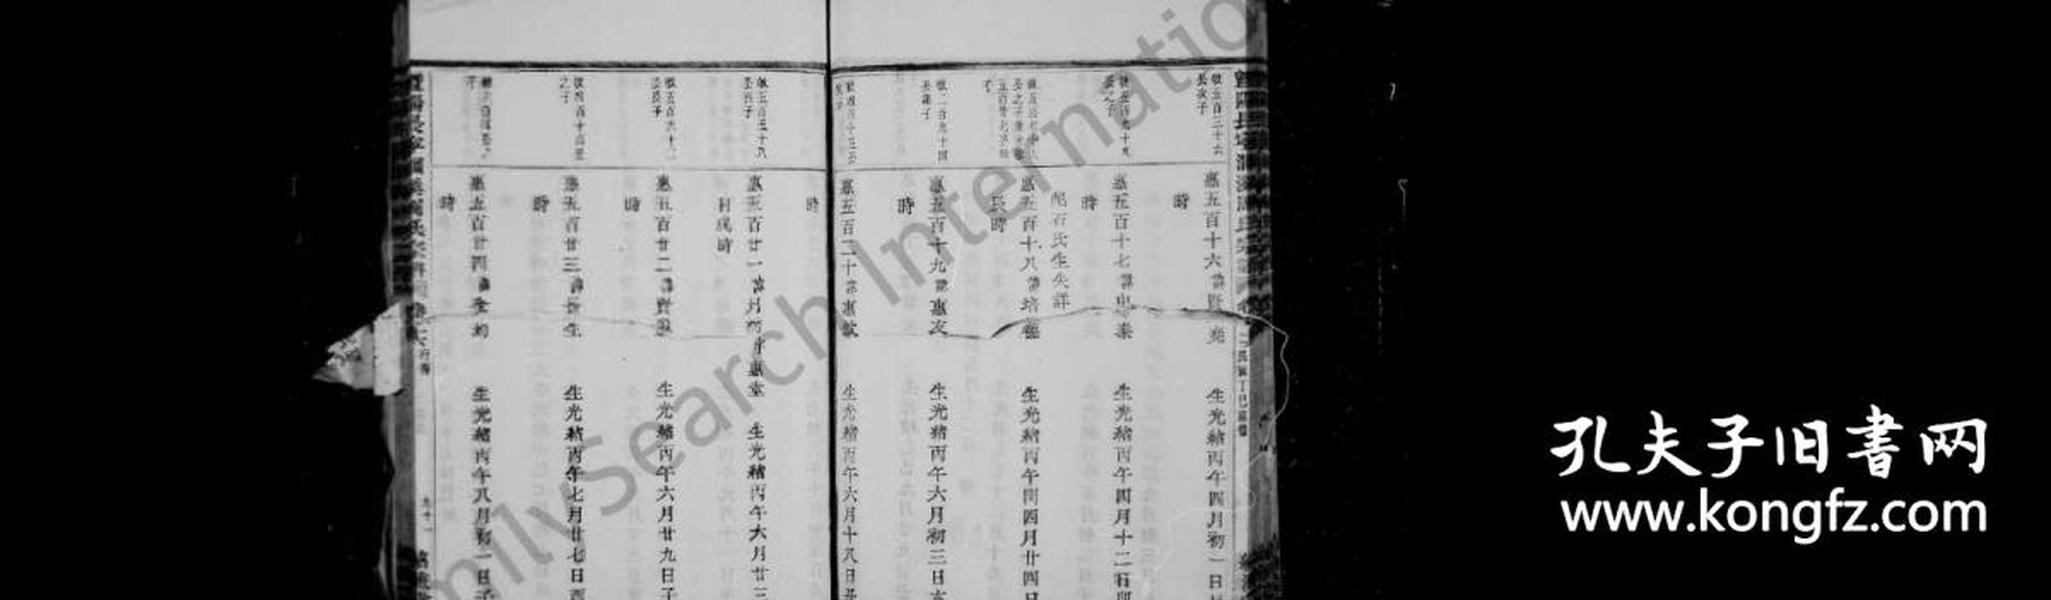 上虞周氏宗谱 [12卷,首末各1卷]